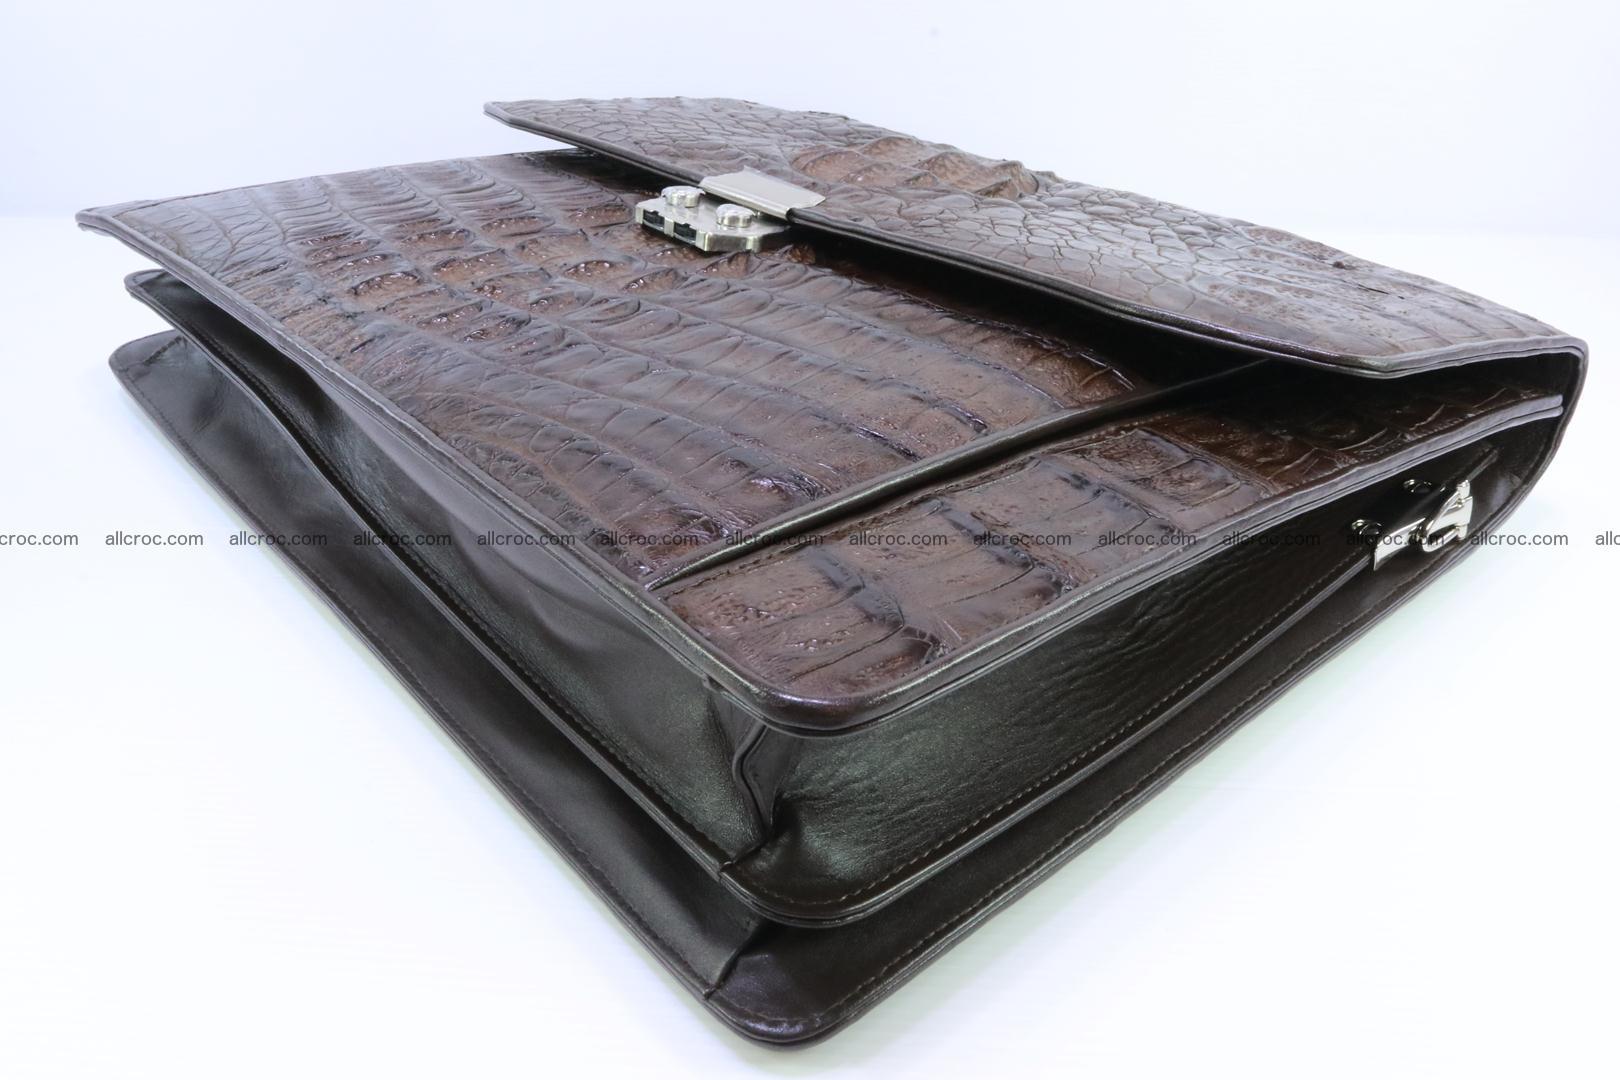 Crocodile skin briefcase 287 Foto 11